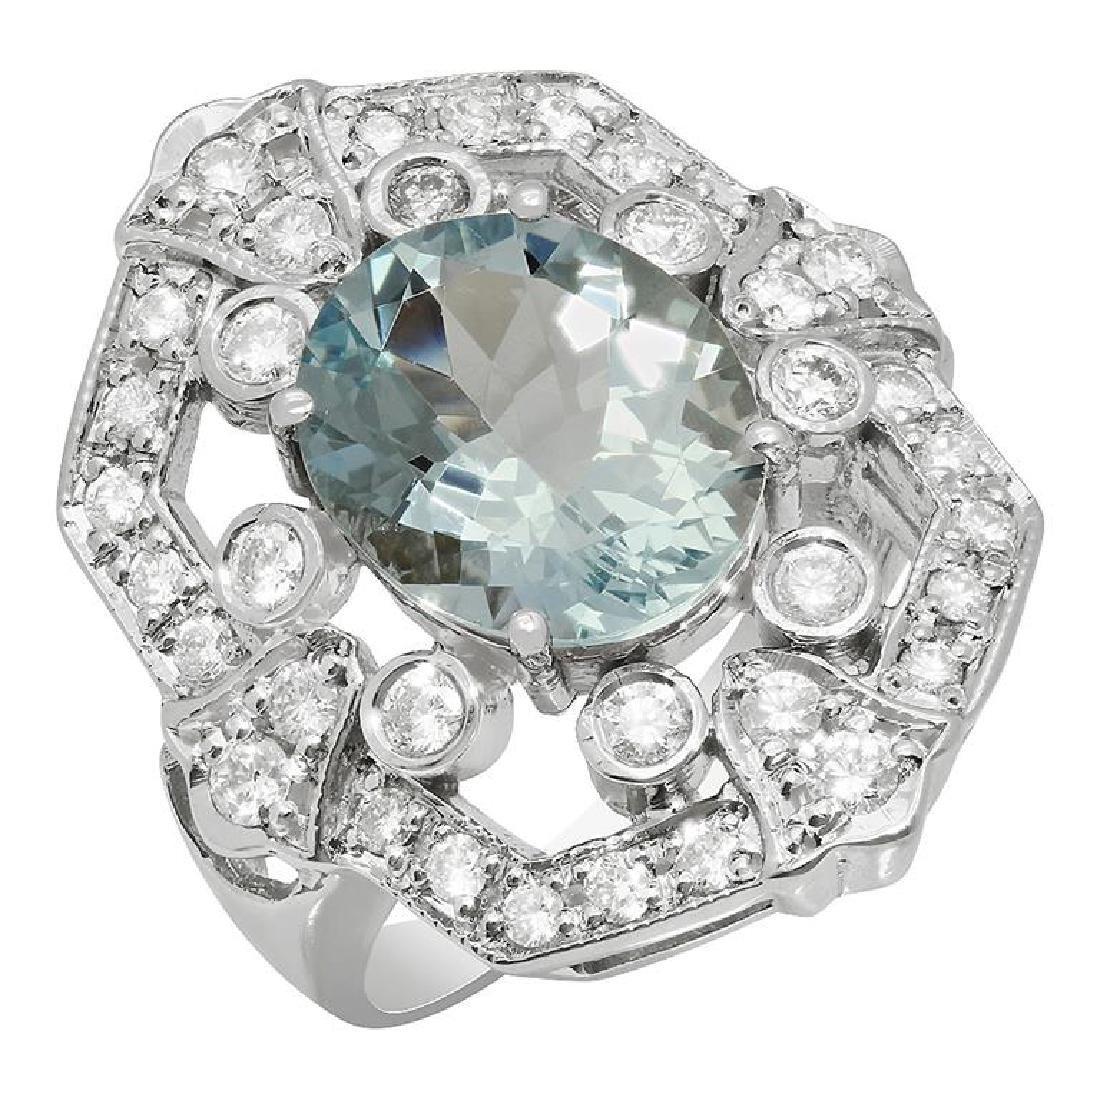 14k White Gold 3.86ct Aquamarine 1.01ct Diamond Ring